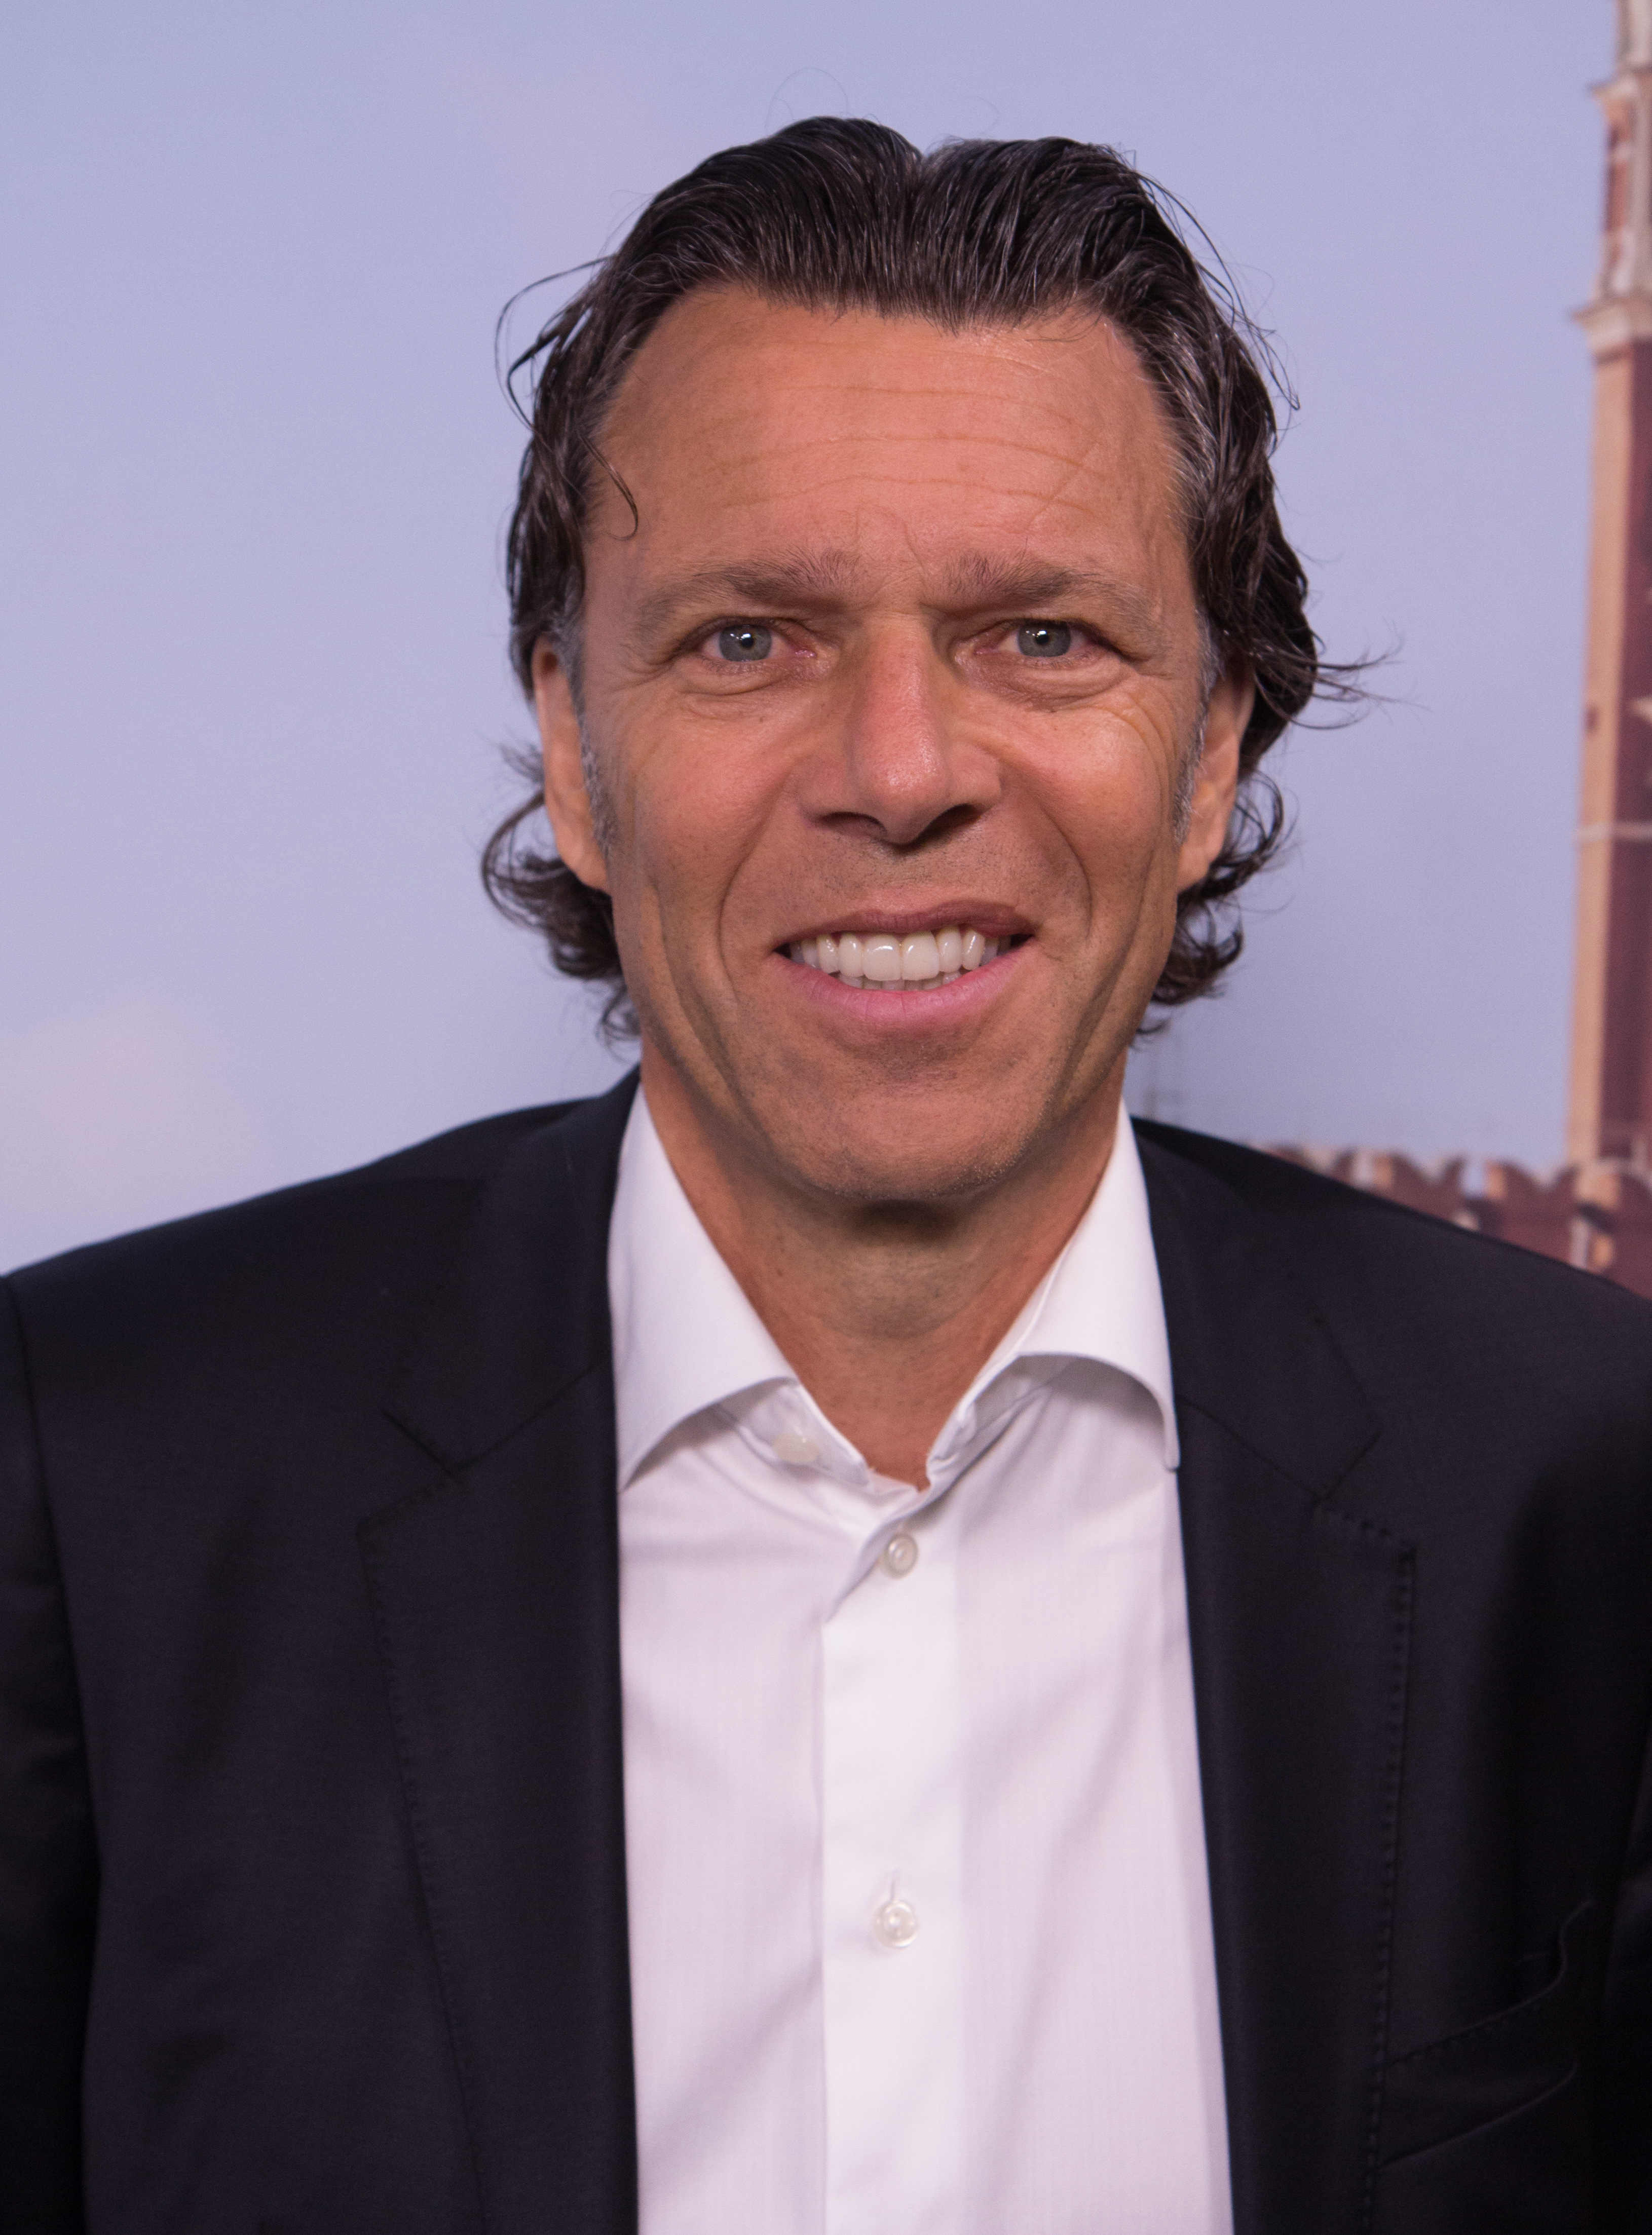 Urs Meier Fussballschiedsrichter Wikipedia